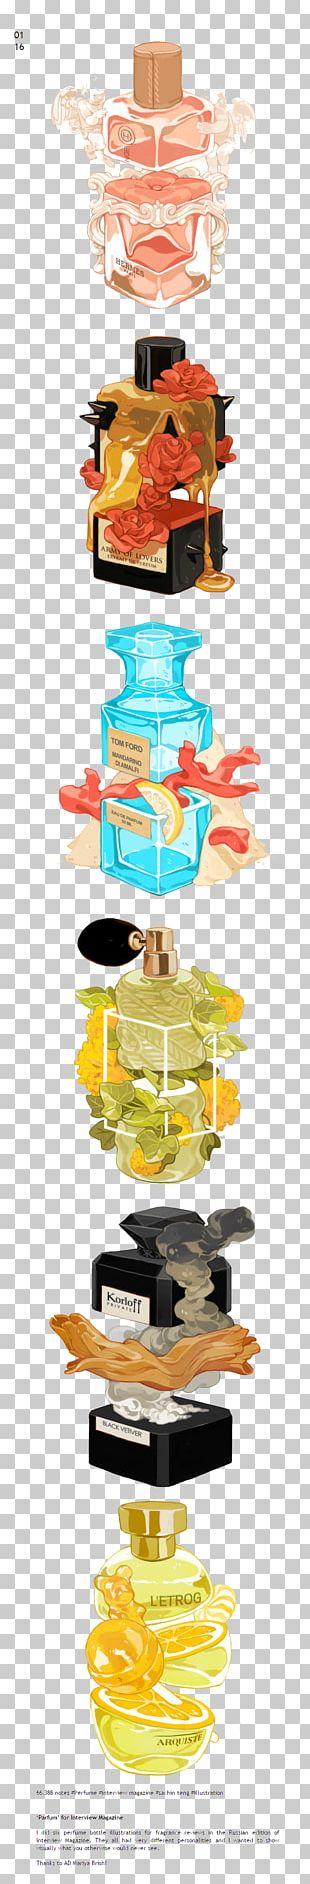 Bottle Perfume Illustration PNG